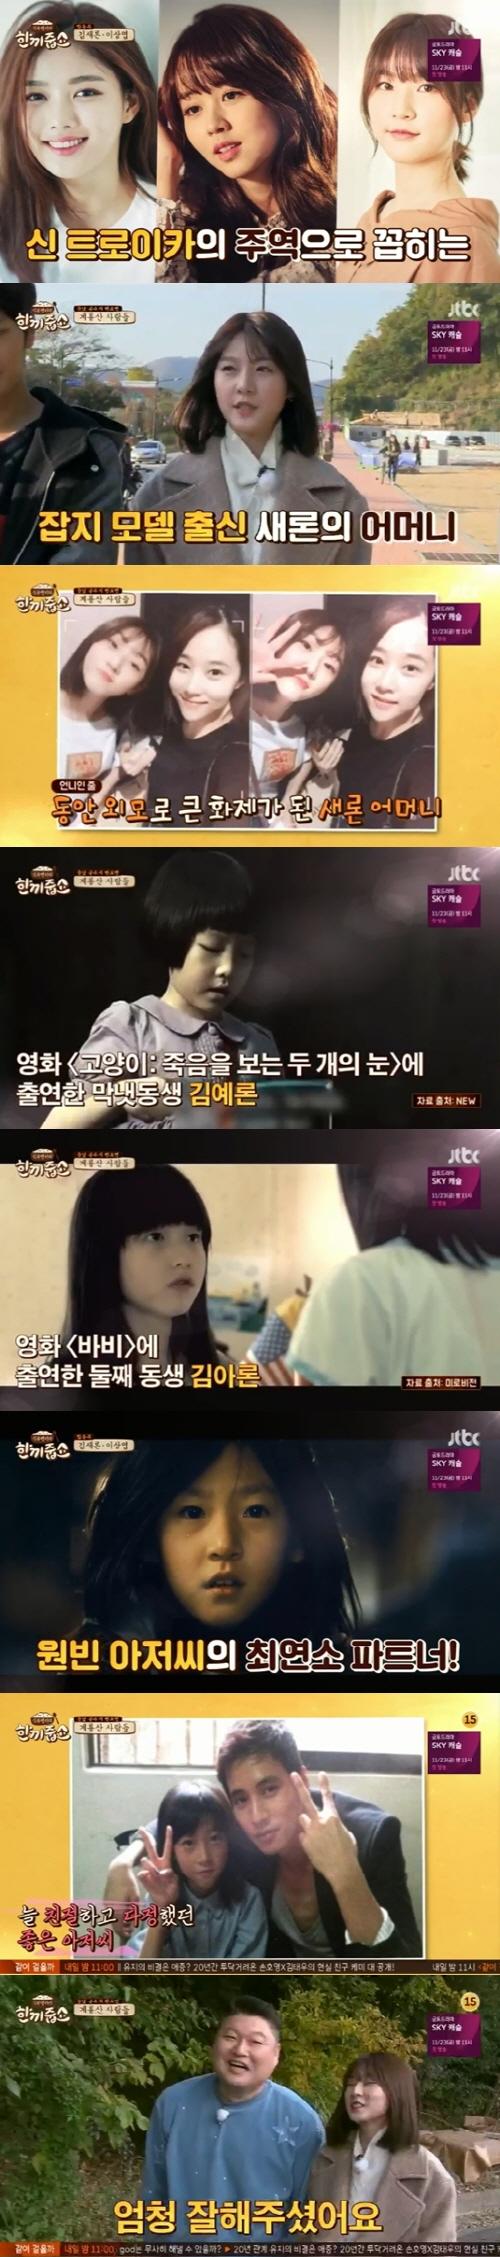 [전일야화] '한끼줍쇼' 김새론, #잡지 모델 엄마 #배우 자매 #원빈 #자퇴